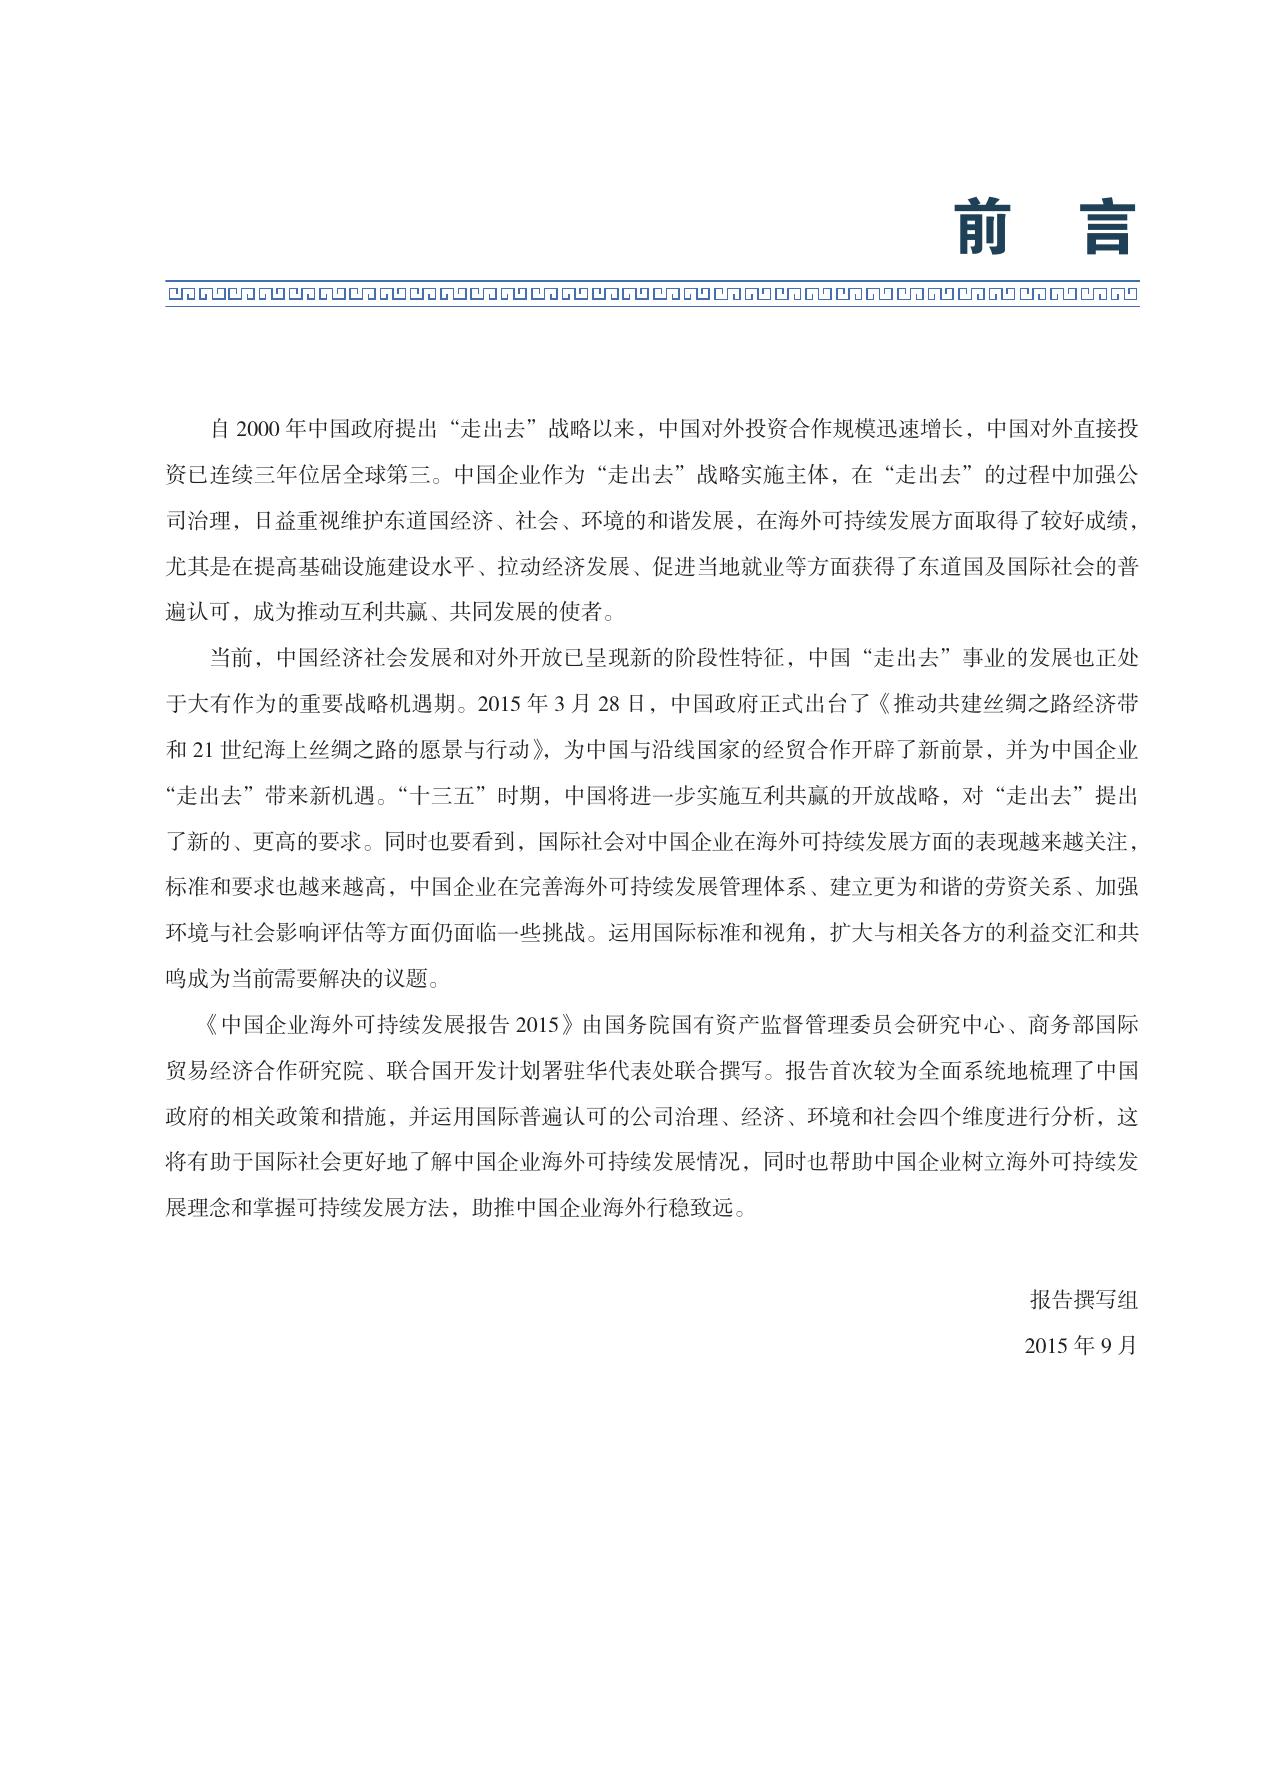 2015中国企业海外可持续发展报告_000003